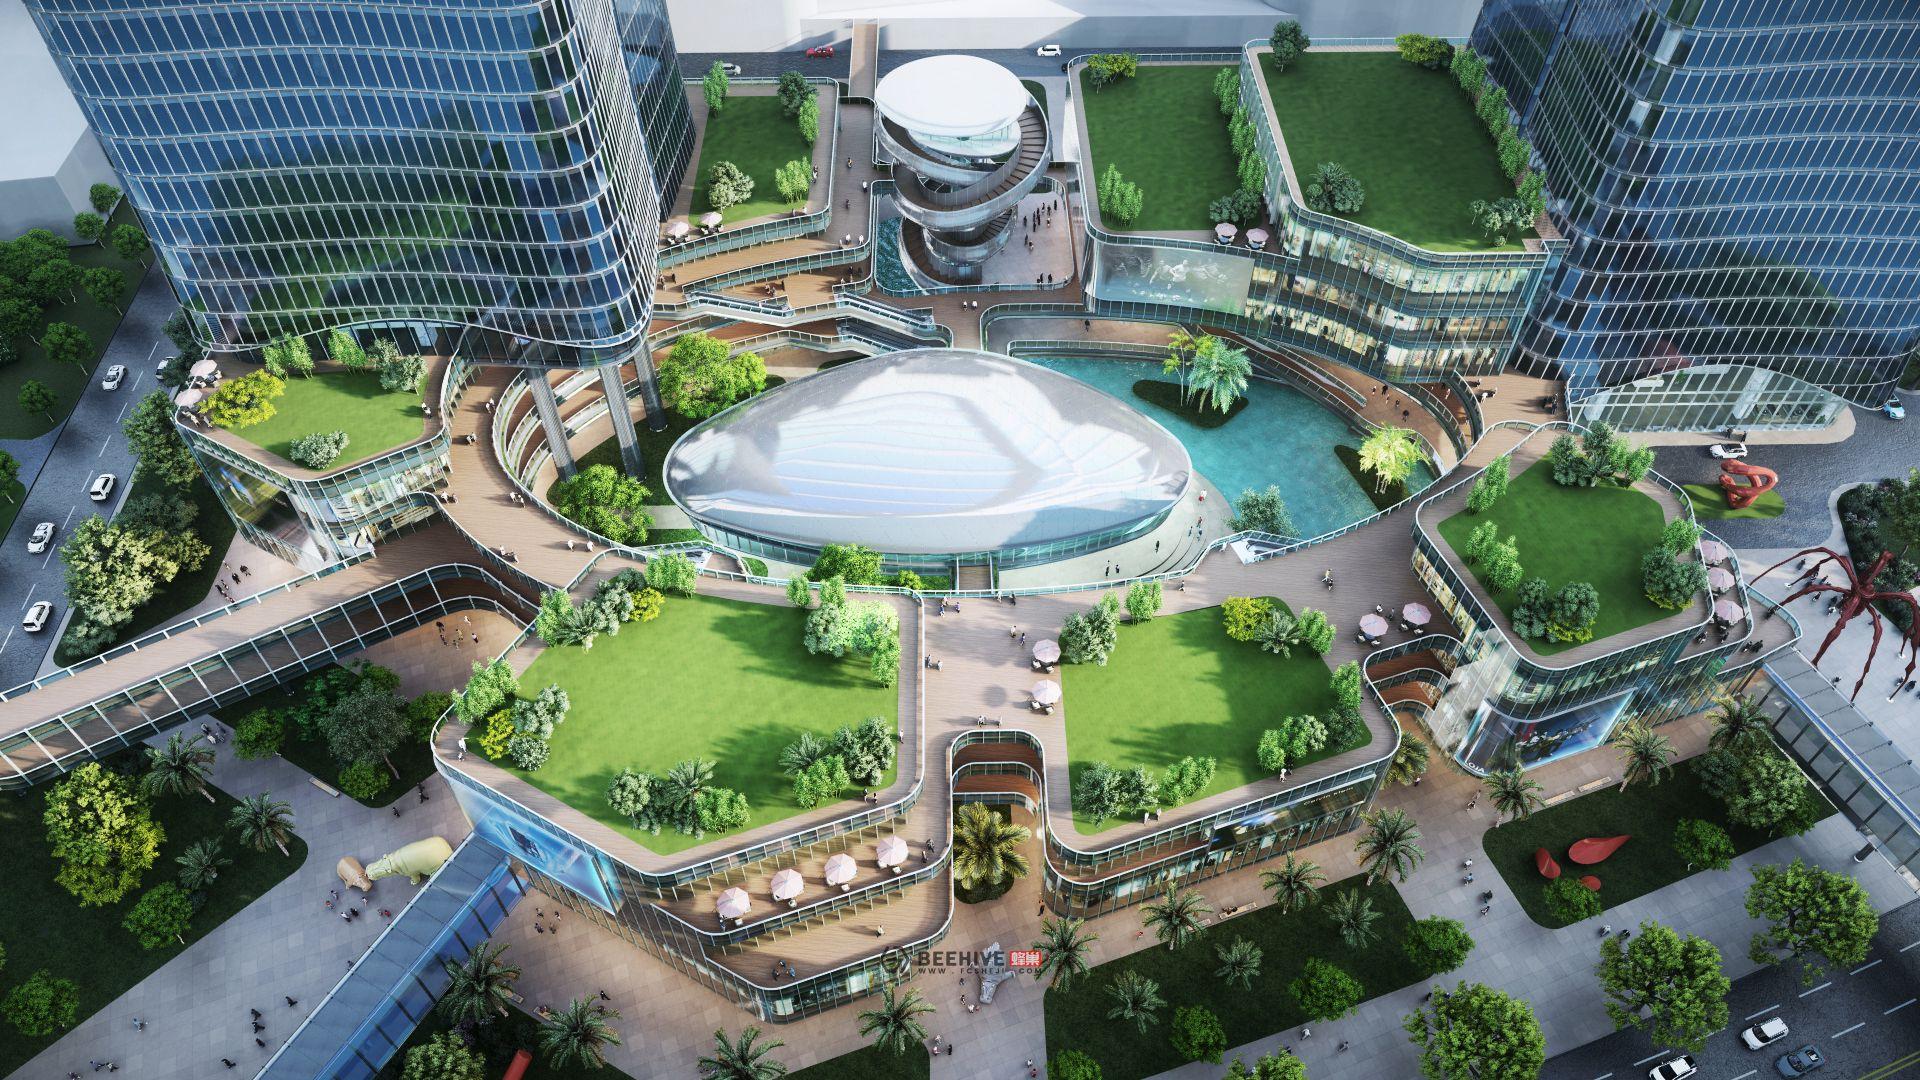 Zhuhai Hengqin International Business Center Phase 2 & 3 Da Heng Qin Building